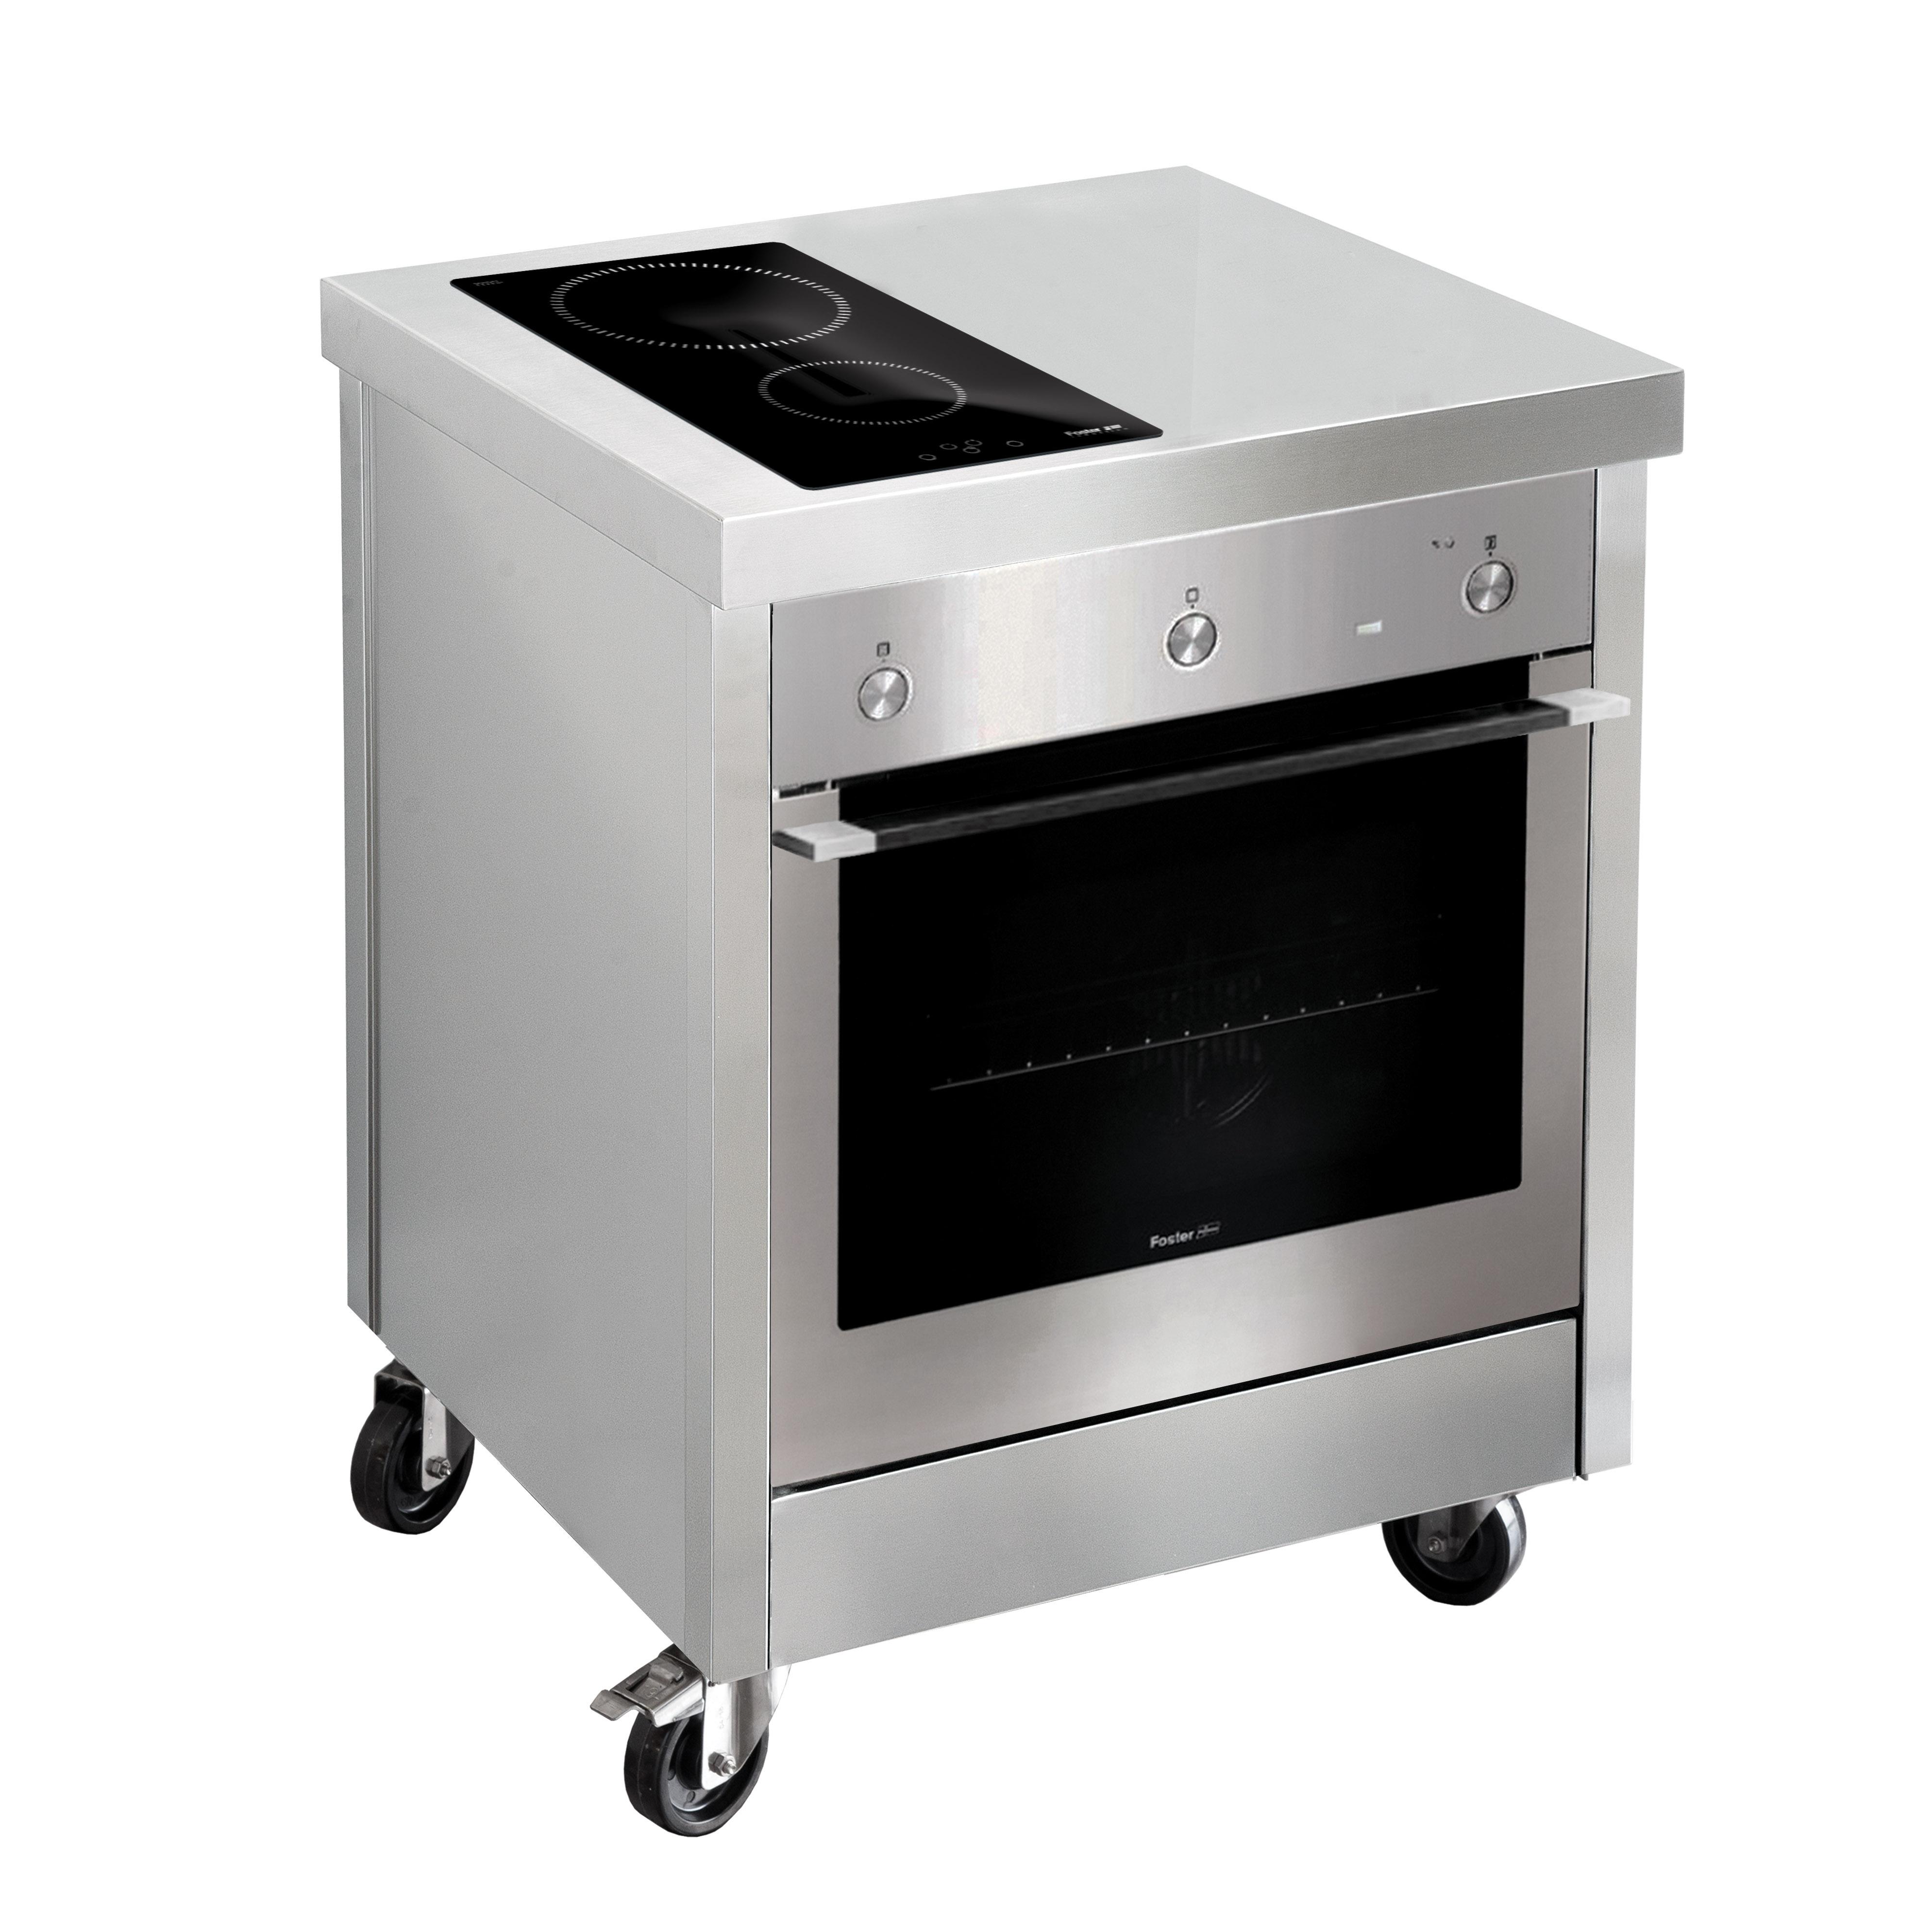 Gps Inox Cucine Outdoor Esterno